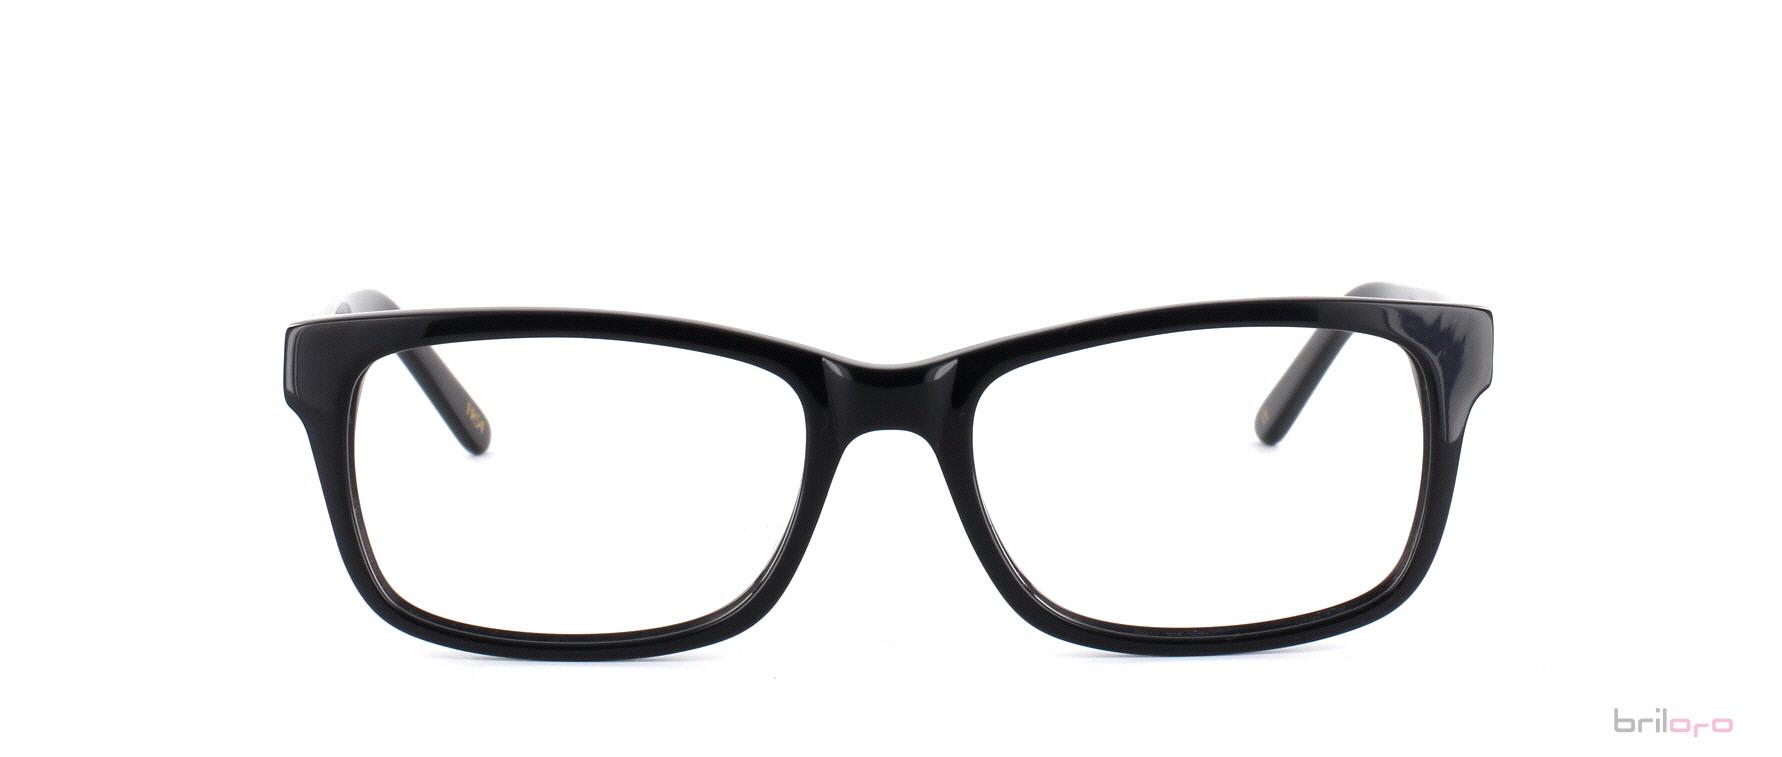 Brille LeRoy Jet Black für ovale Gesichter exklusiv bei Briloro kaufen!